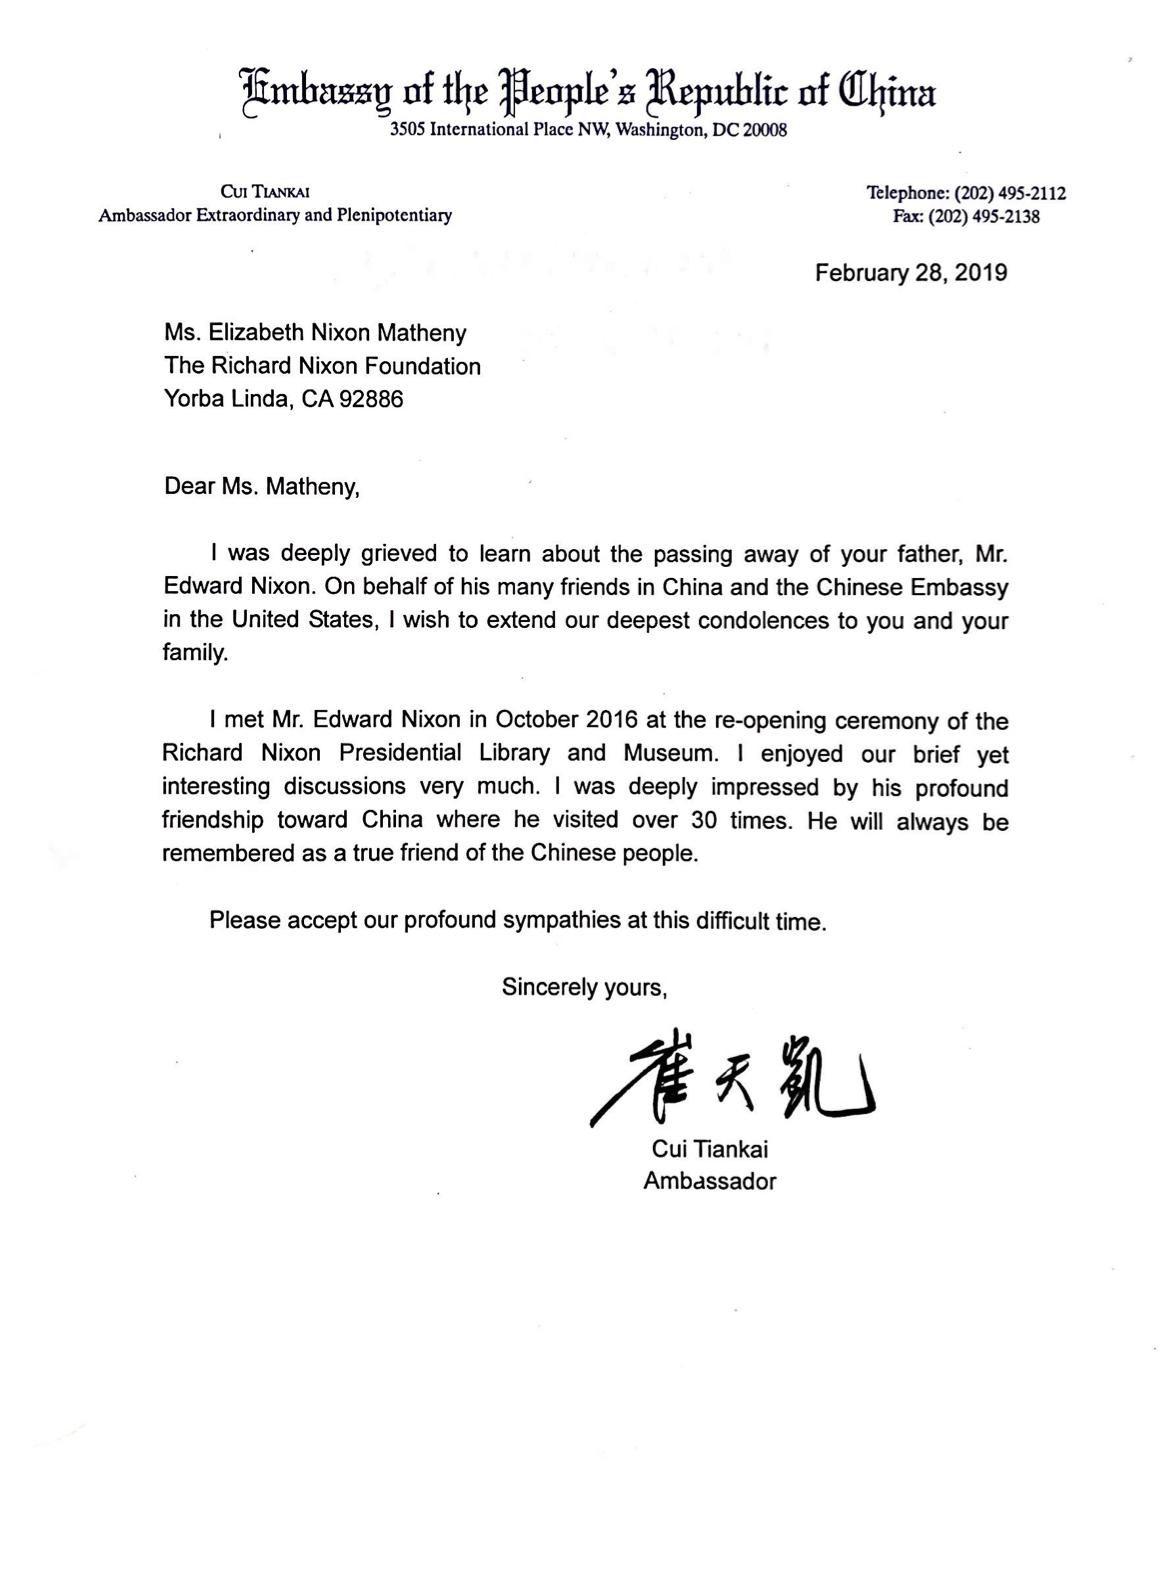 Letter of Condolence - Ed Nixon